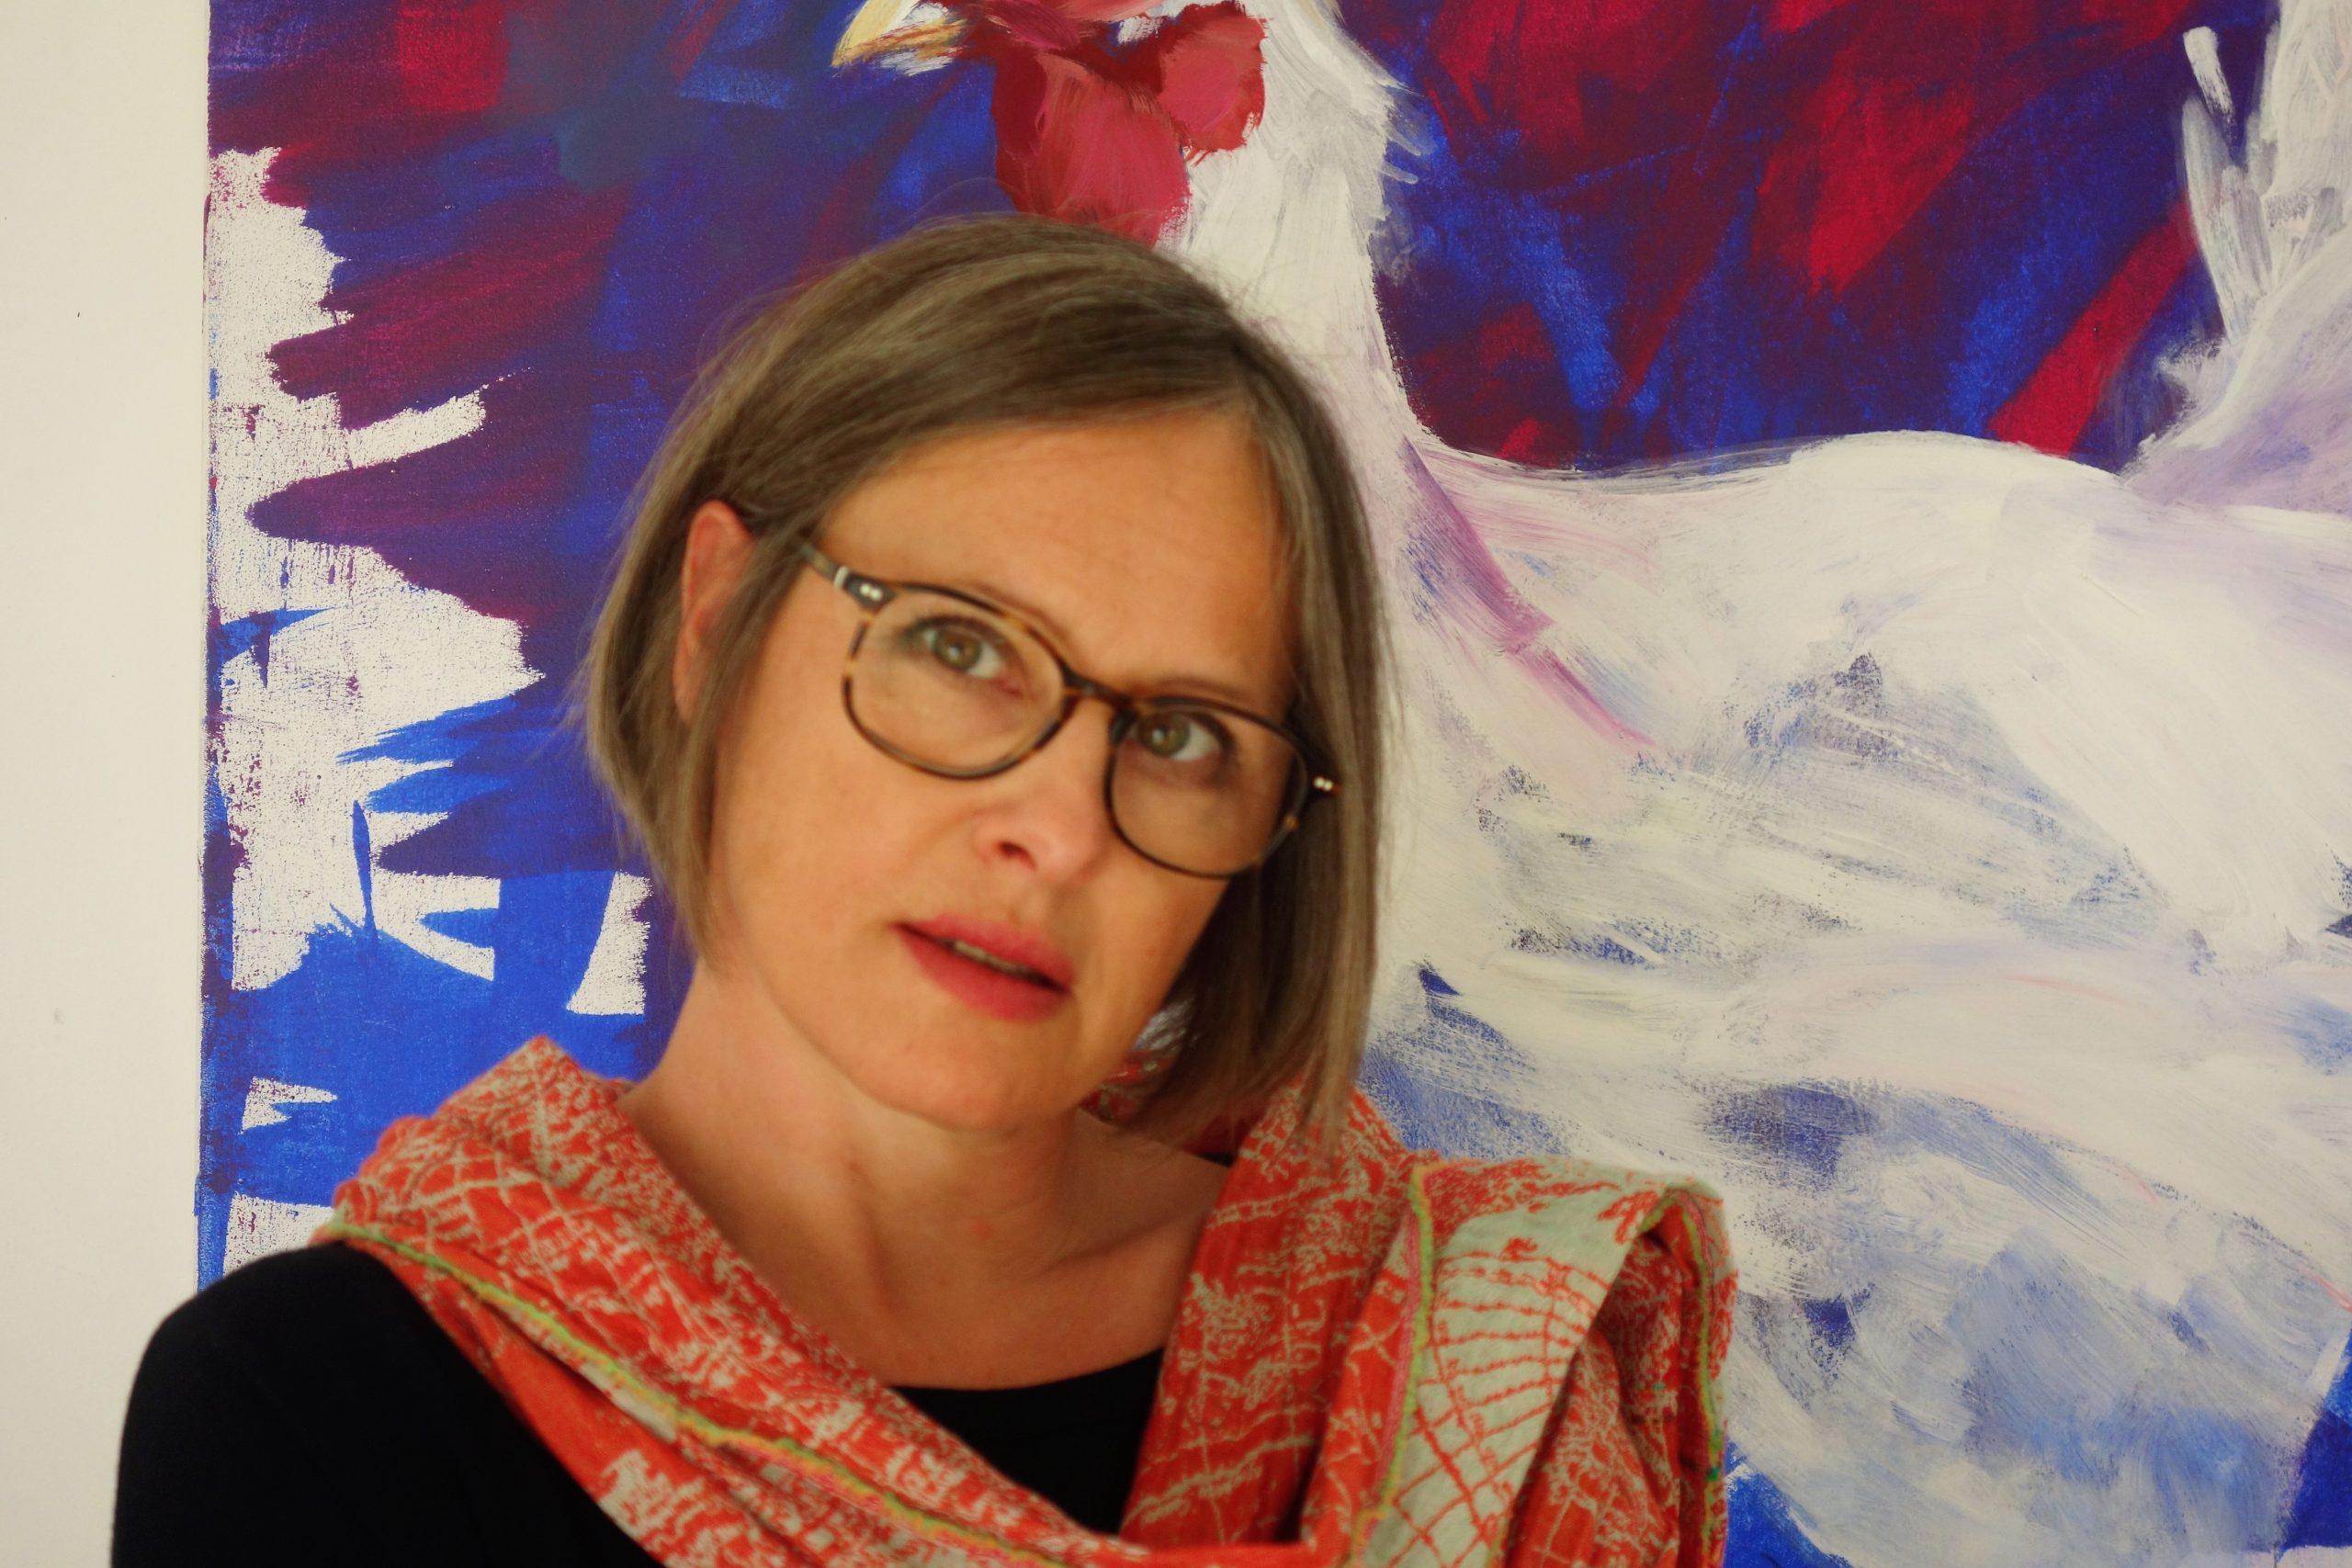 Gisela Kurath